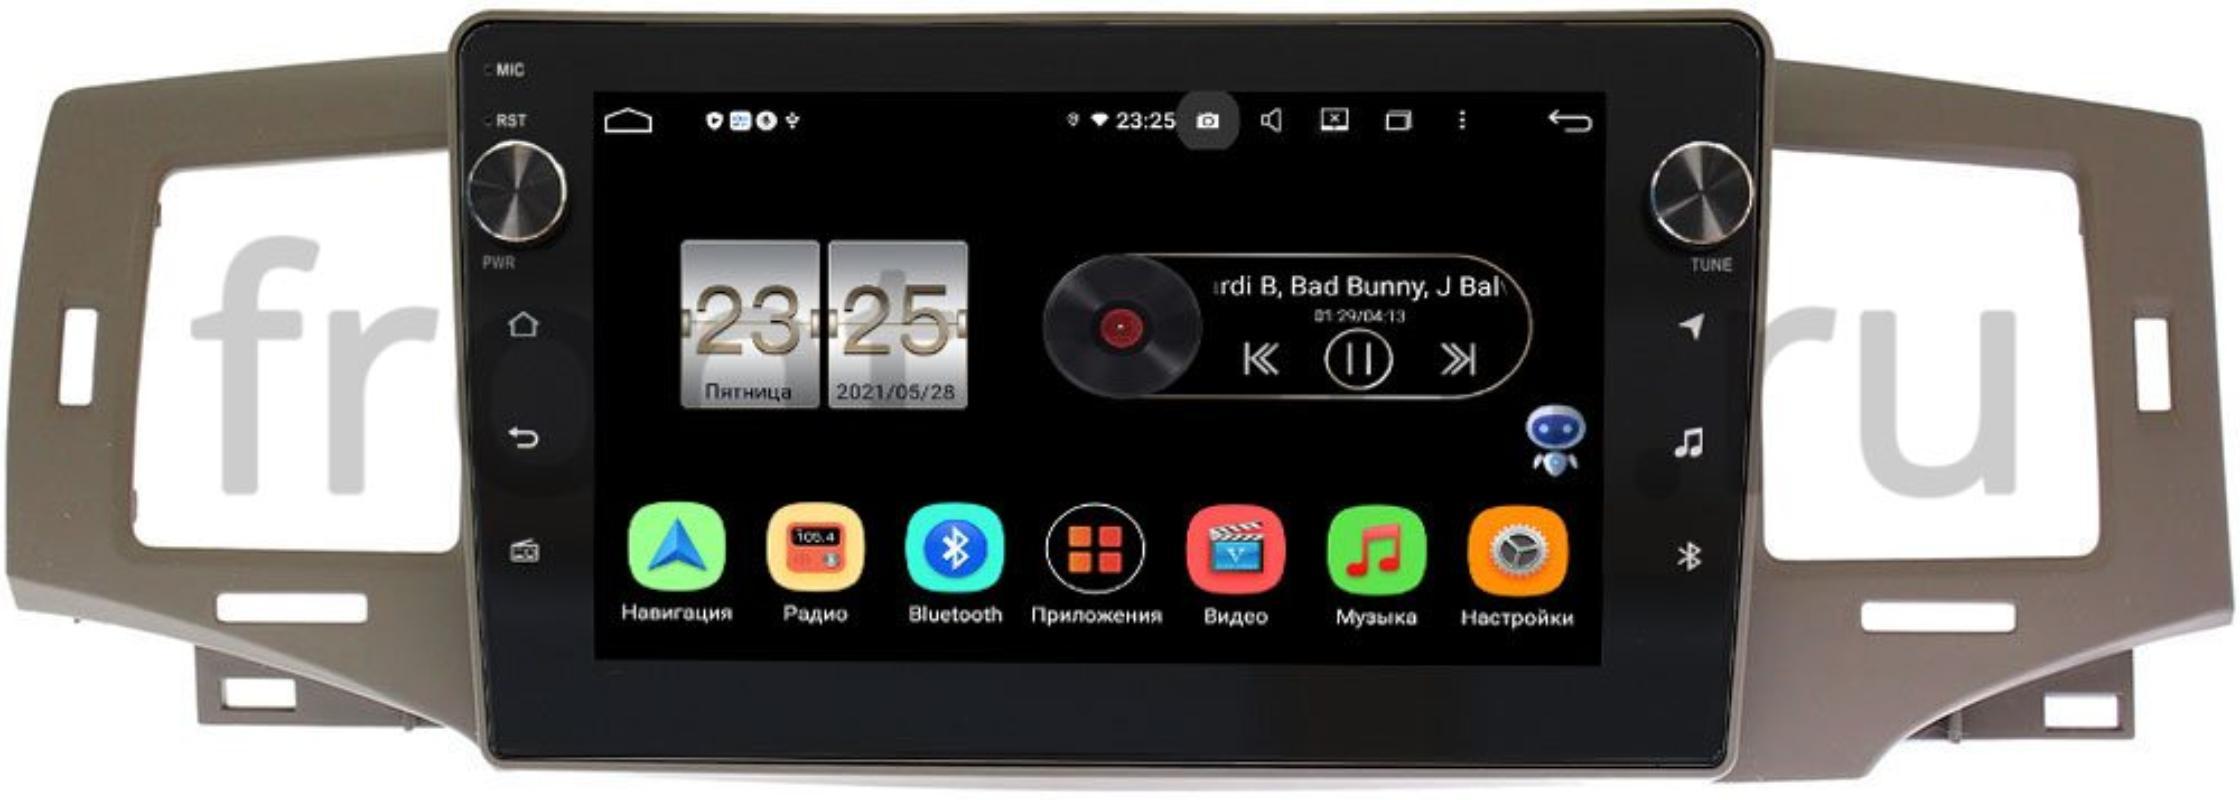 Штатная магнитола LeTrun BPX409-9238 для BYD F3 2005-2013 на Android 10 (4/32, DSP, IPS, с голосовым ассистентом, с крутилками) (+ Камера заднего вида в подарок!)